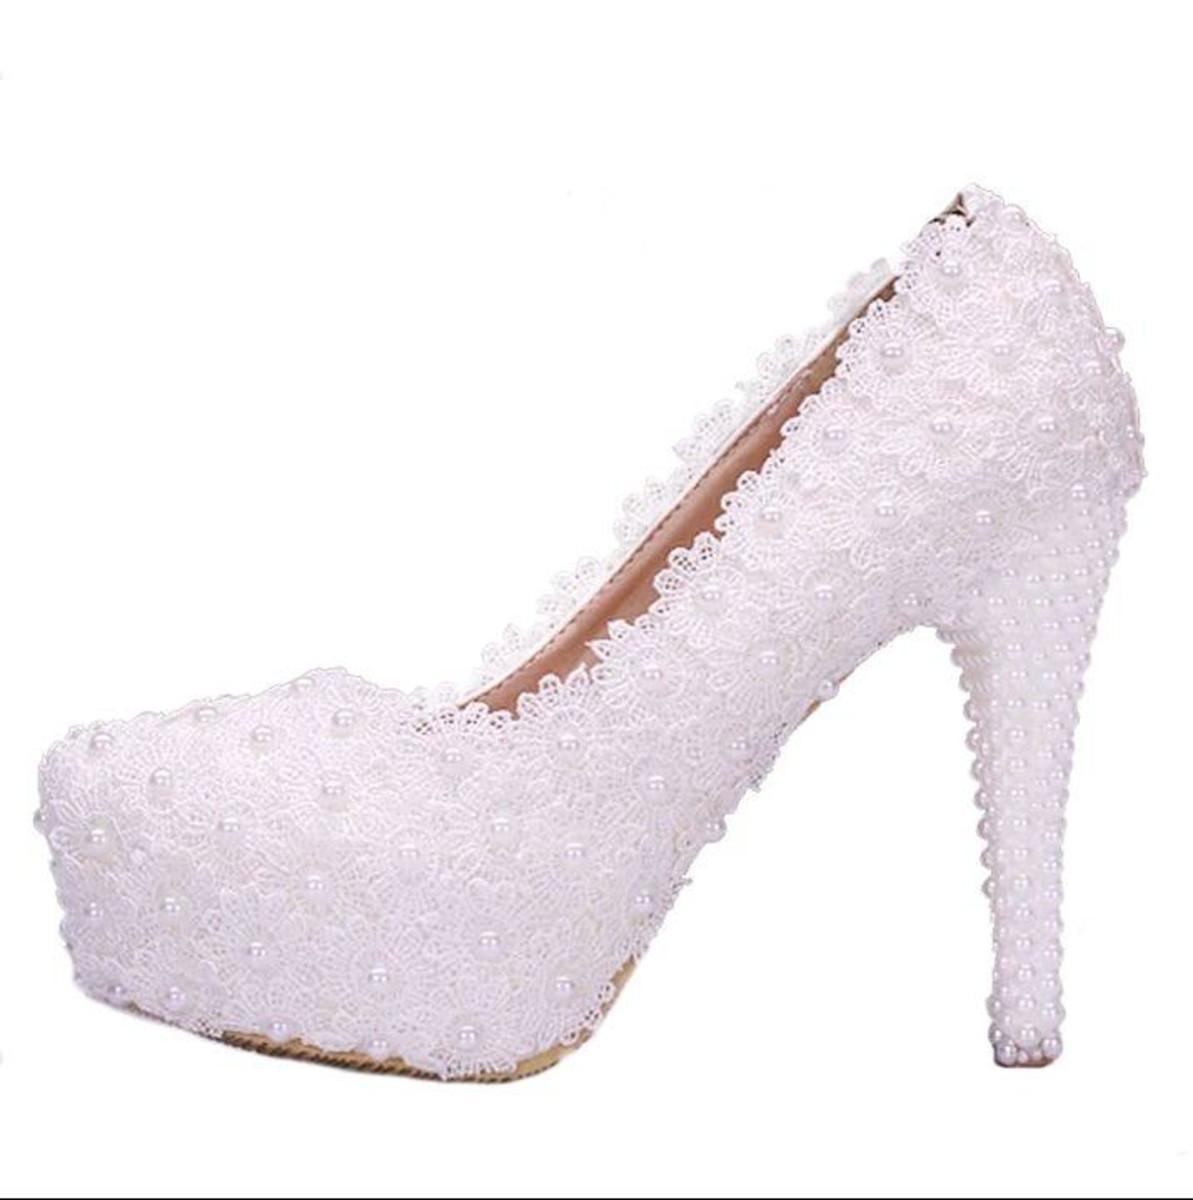 382cfbe2c Sapato de Noiva guipir personalizado 2 no Elo7 | Cantinho Príncipe e ...